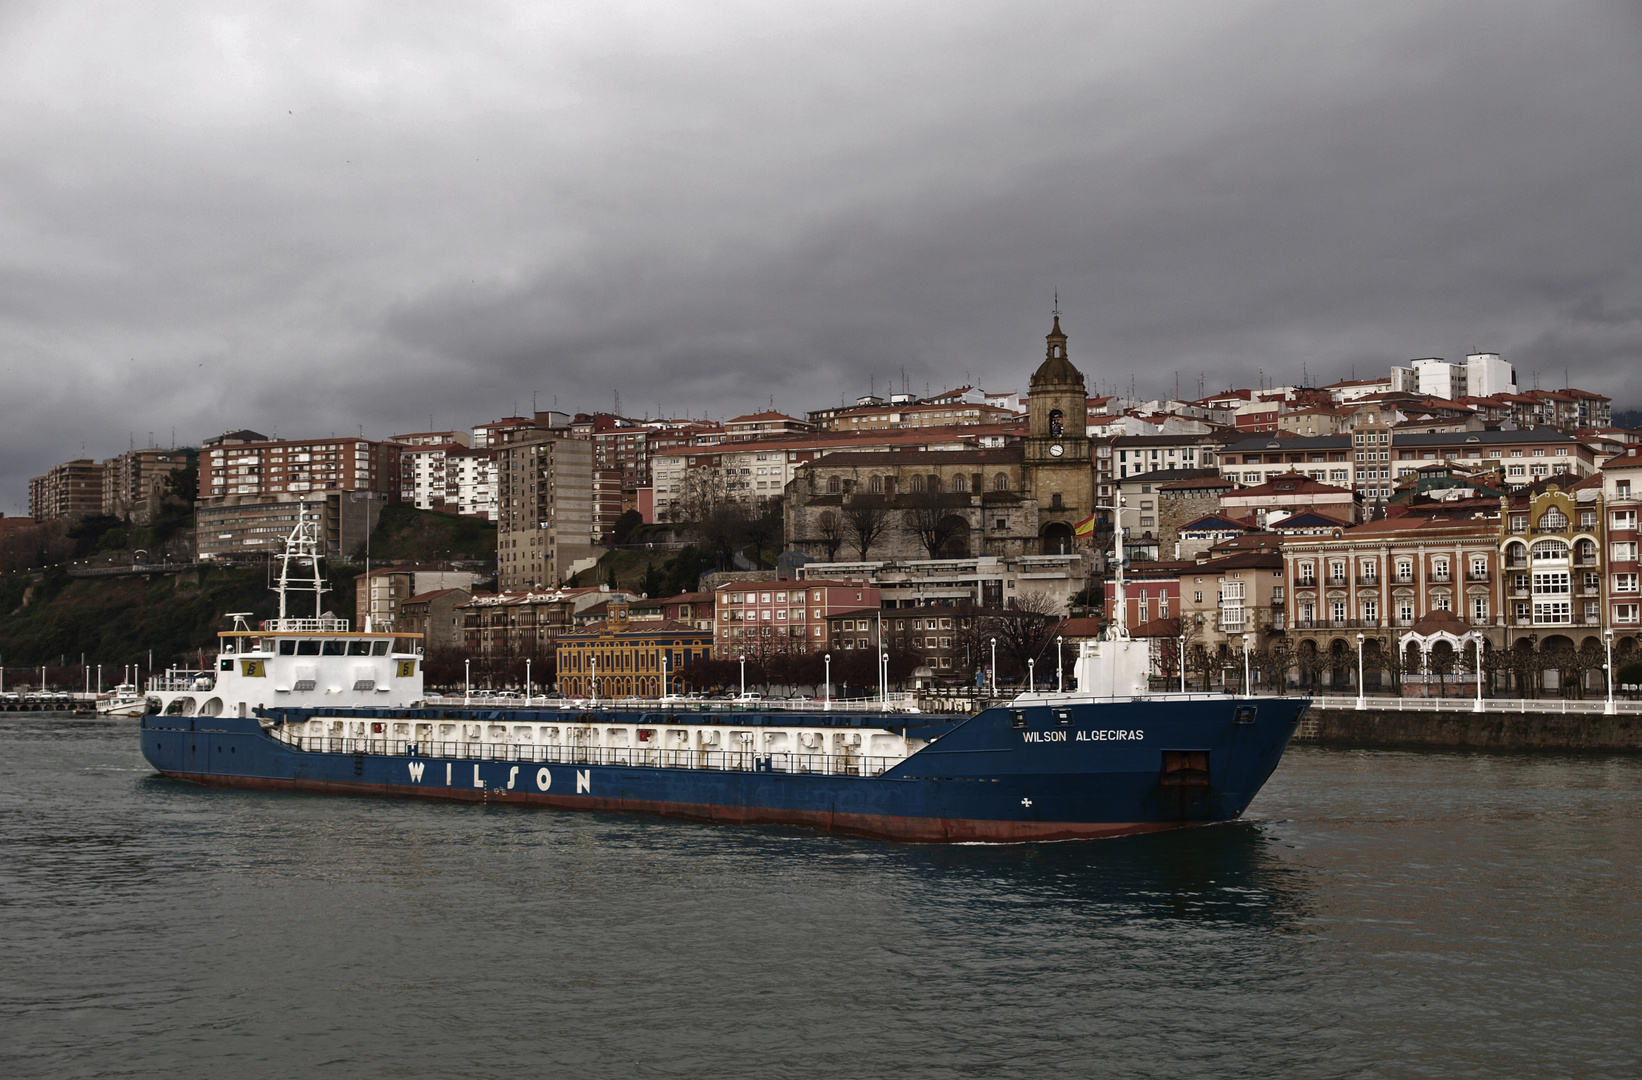 Portugalete (Villa Jarrillera) y su trafico portuario